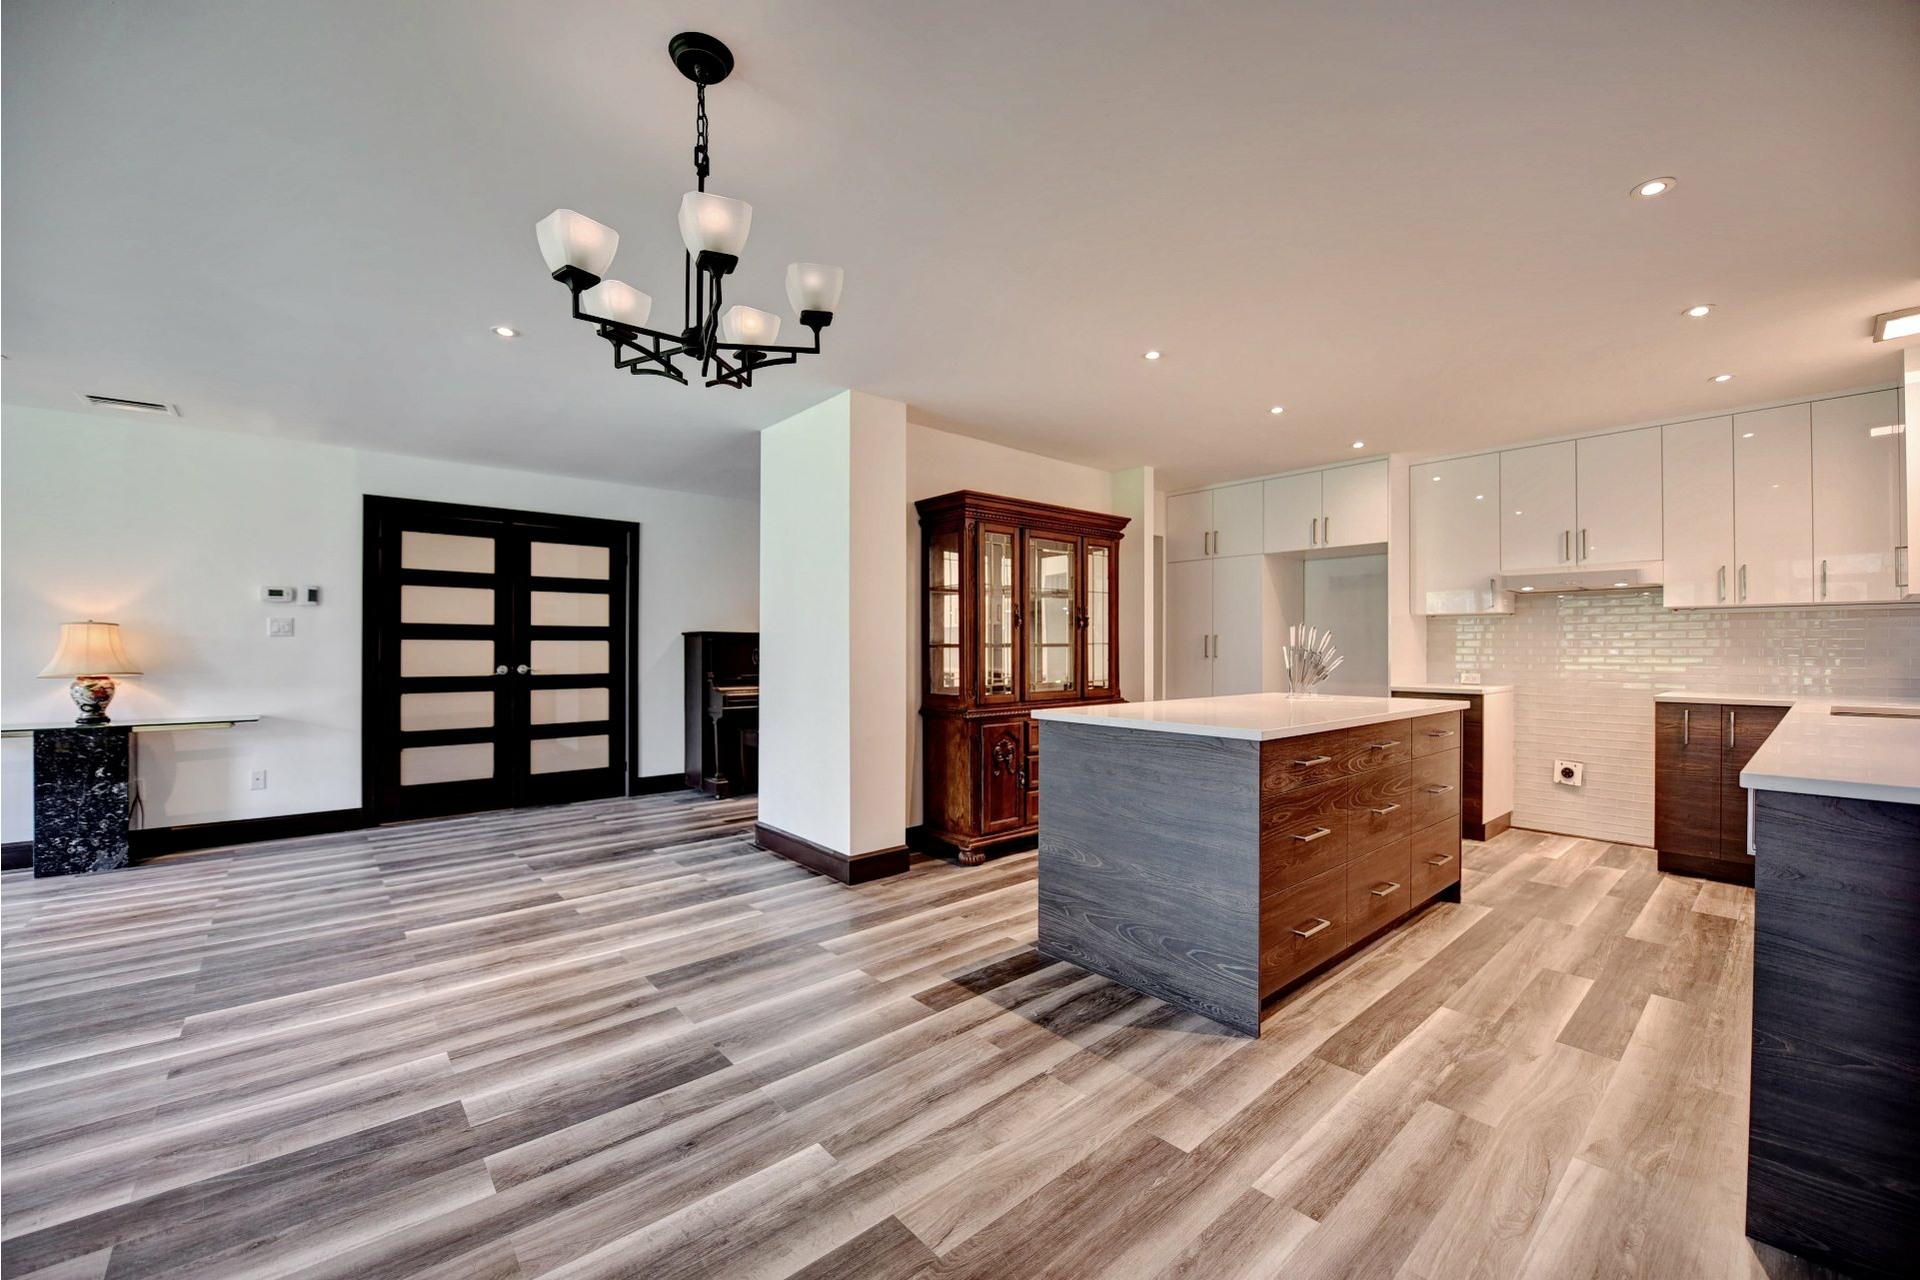 image 3 - Appartement À vendre Montréal Verdun/Île-des-Soeurs  - 8 pièces